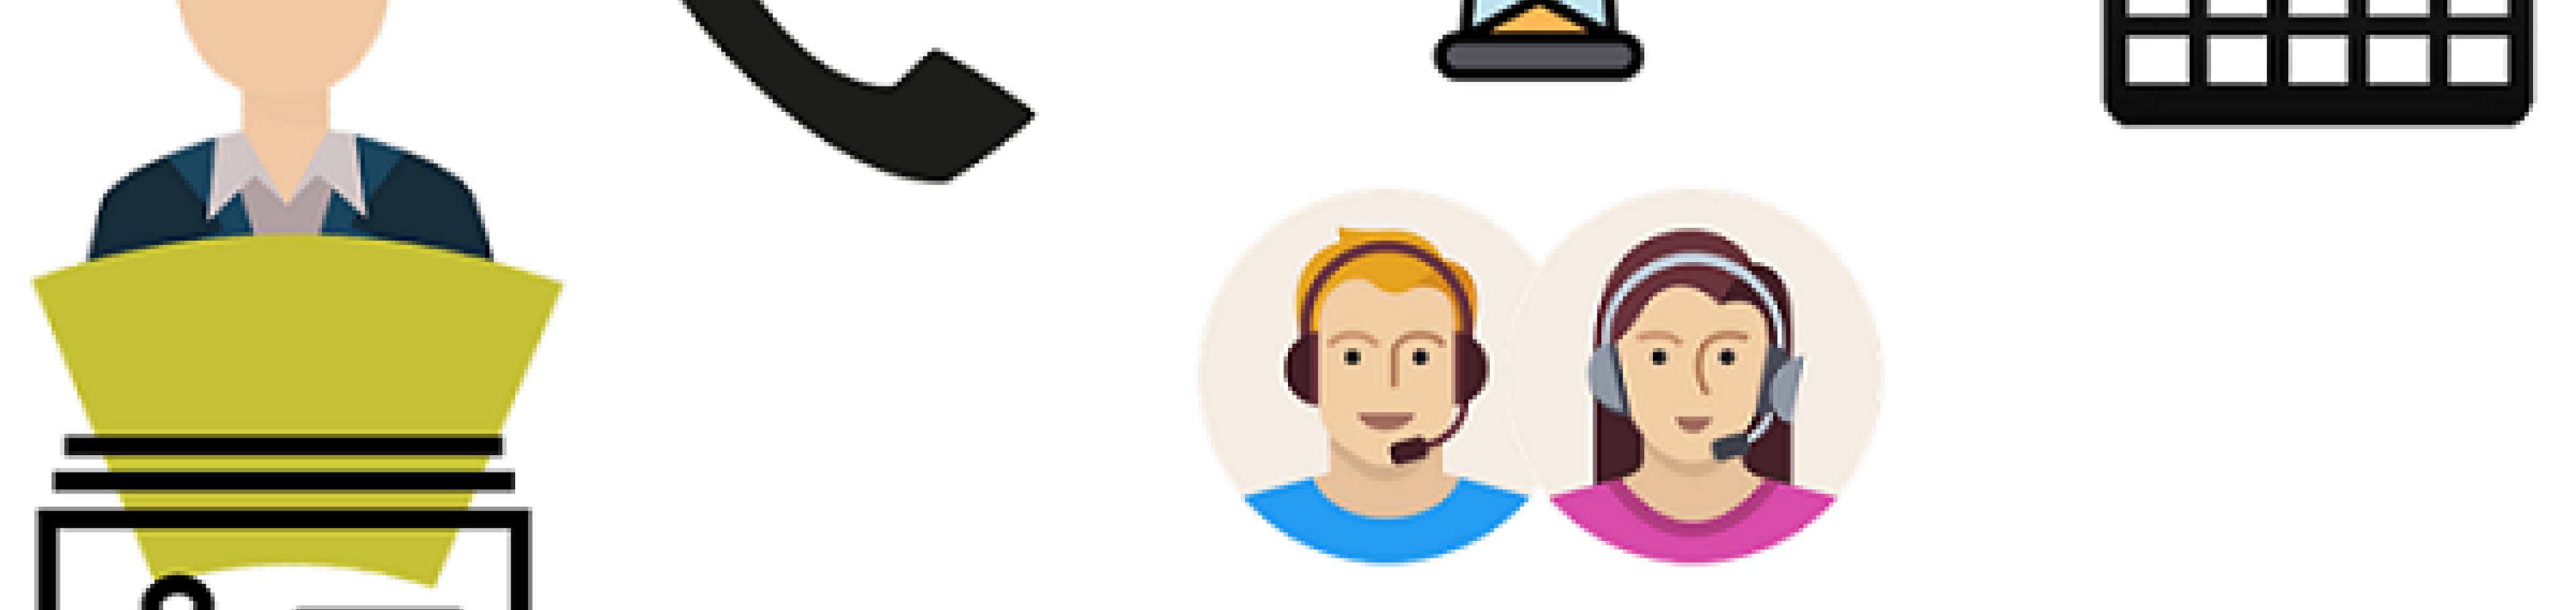 Abläufe im Callcenter beschlunigen: automatisierte Anwahl